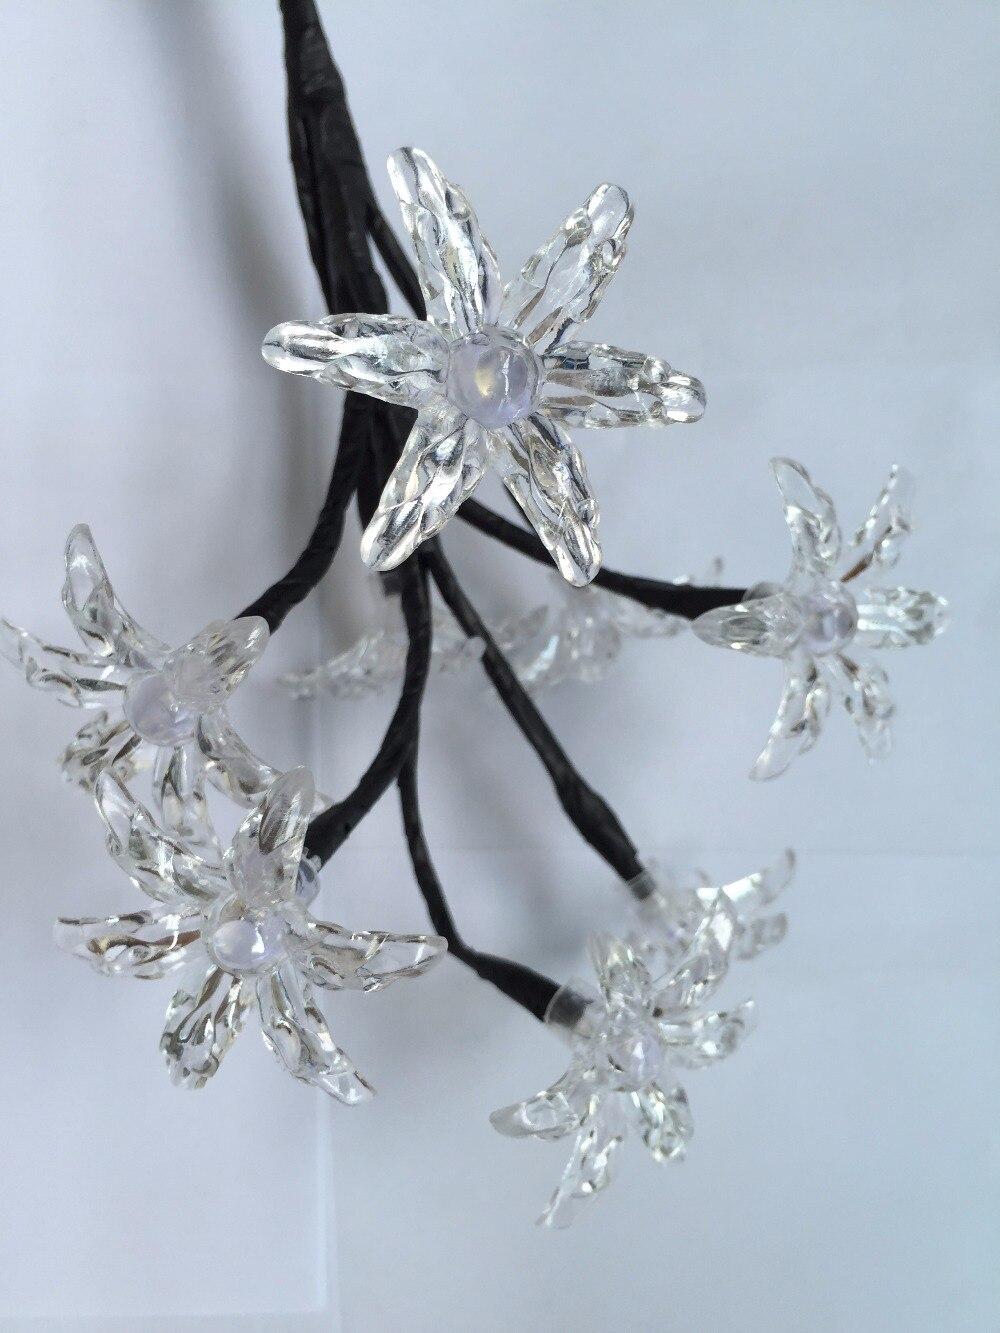 9Pig 26 см Высота 8 шт. светодиоды украшение дома ночник Ночной цветок лампа балкон терраса белый свет для рождественской вечеринки сад